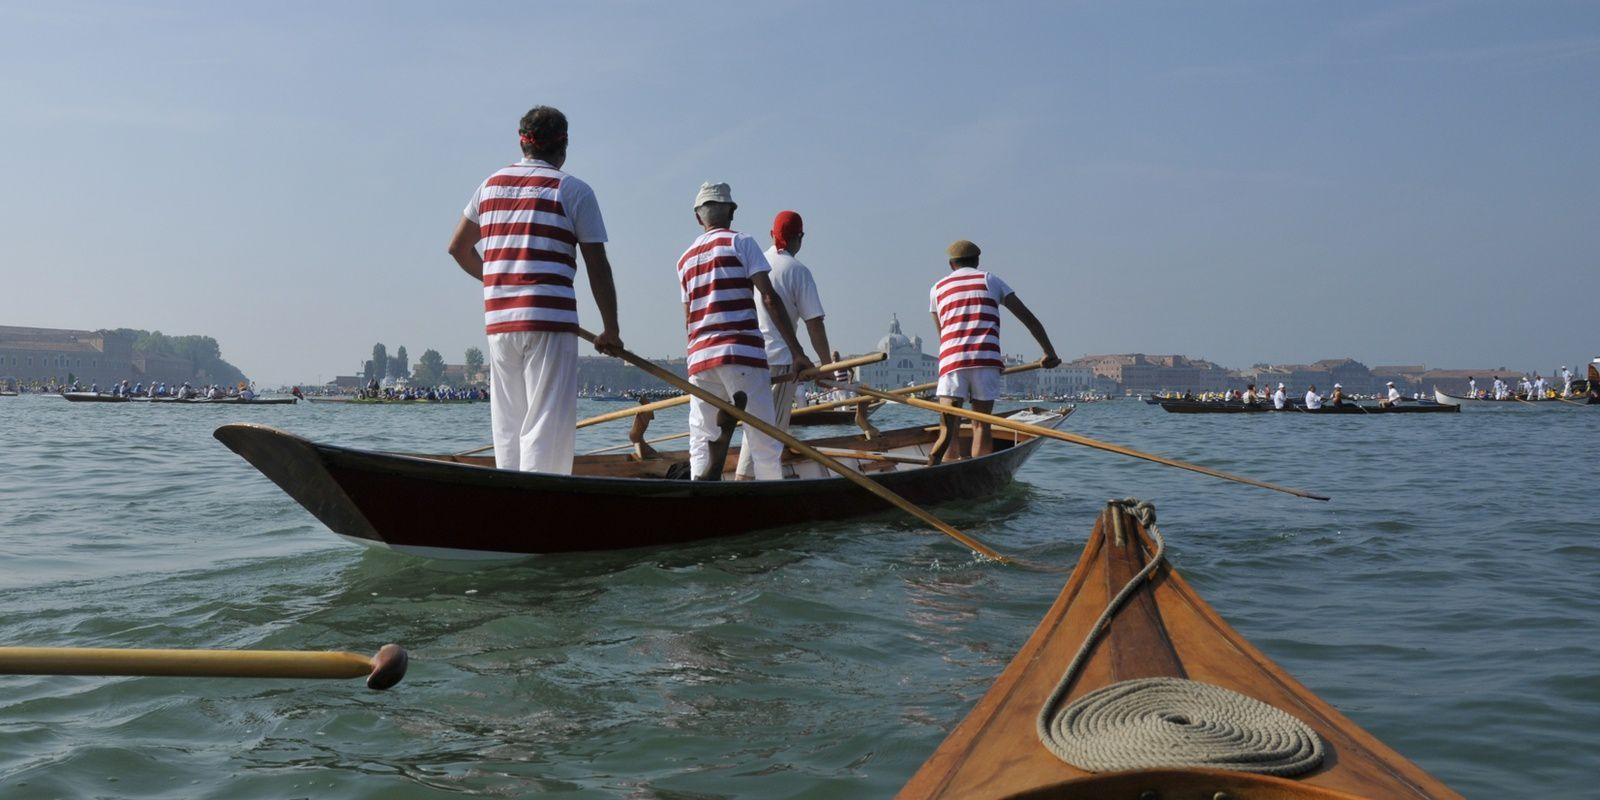 Vogalonga 40a, Venizia 8 giugno, en canoë et kayak bois